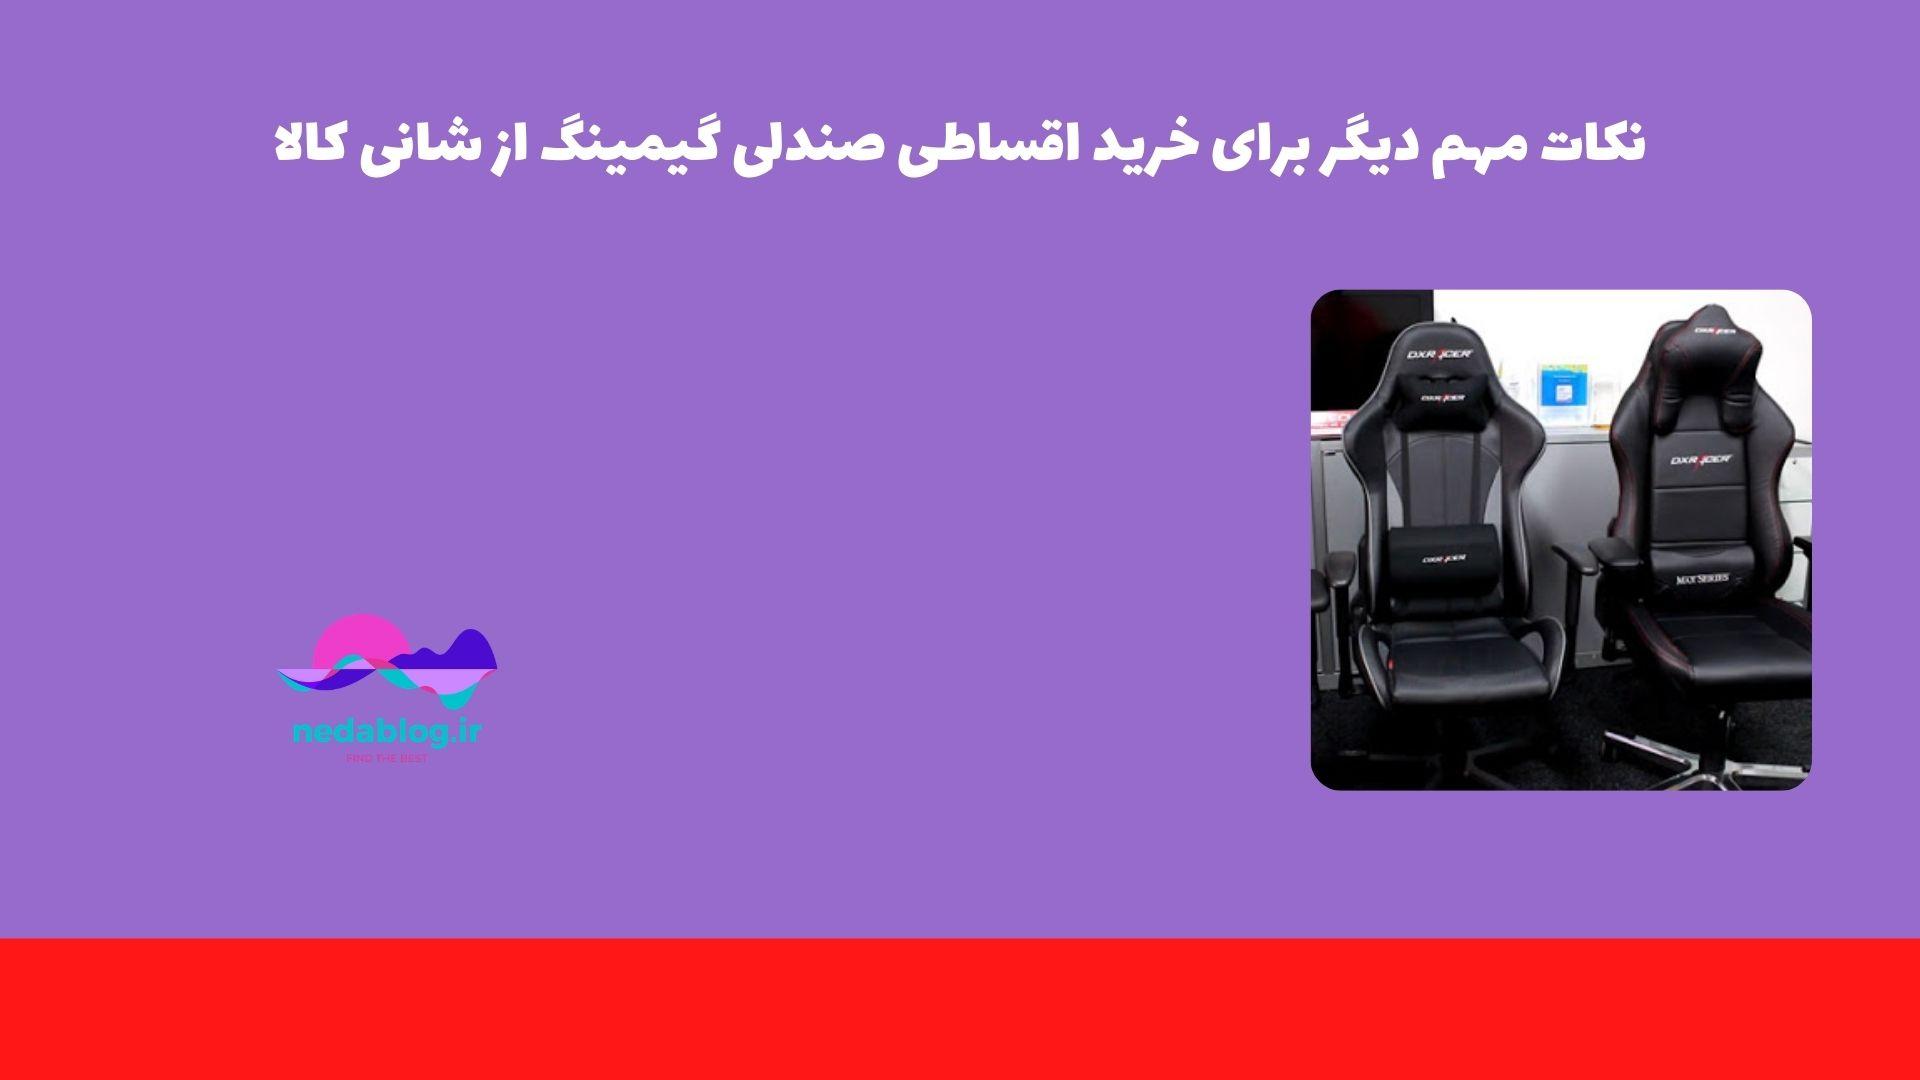 نکات مهم دیگر برای خرید اقساطی صندلی گیمینگ از شانی کالا